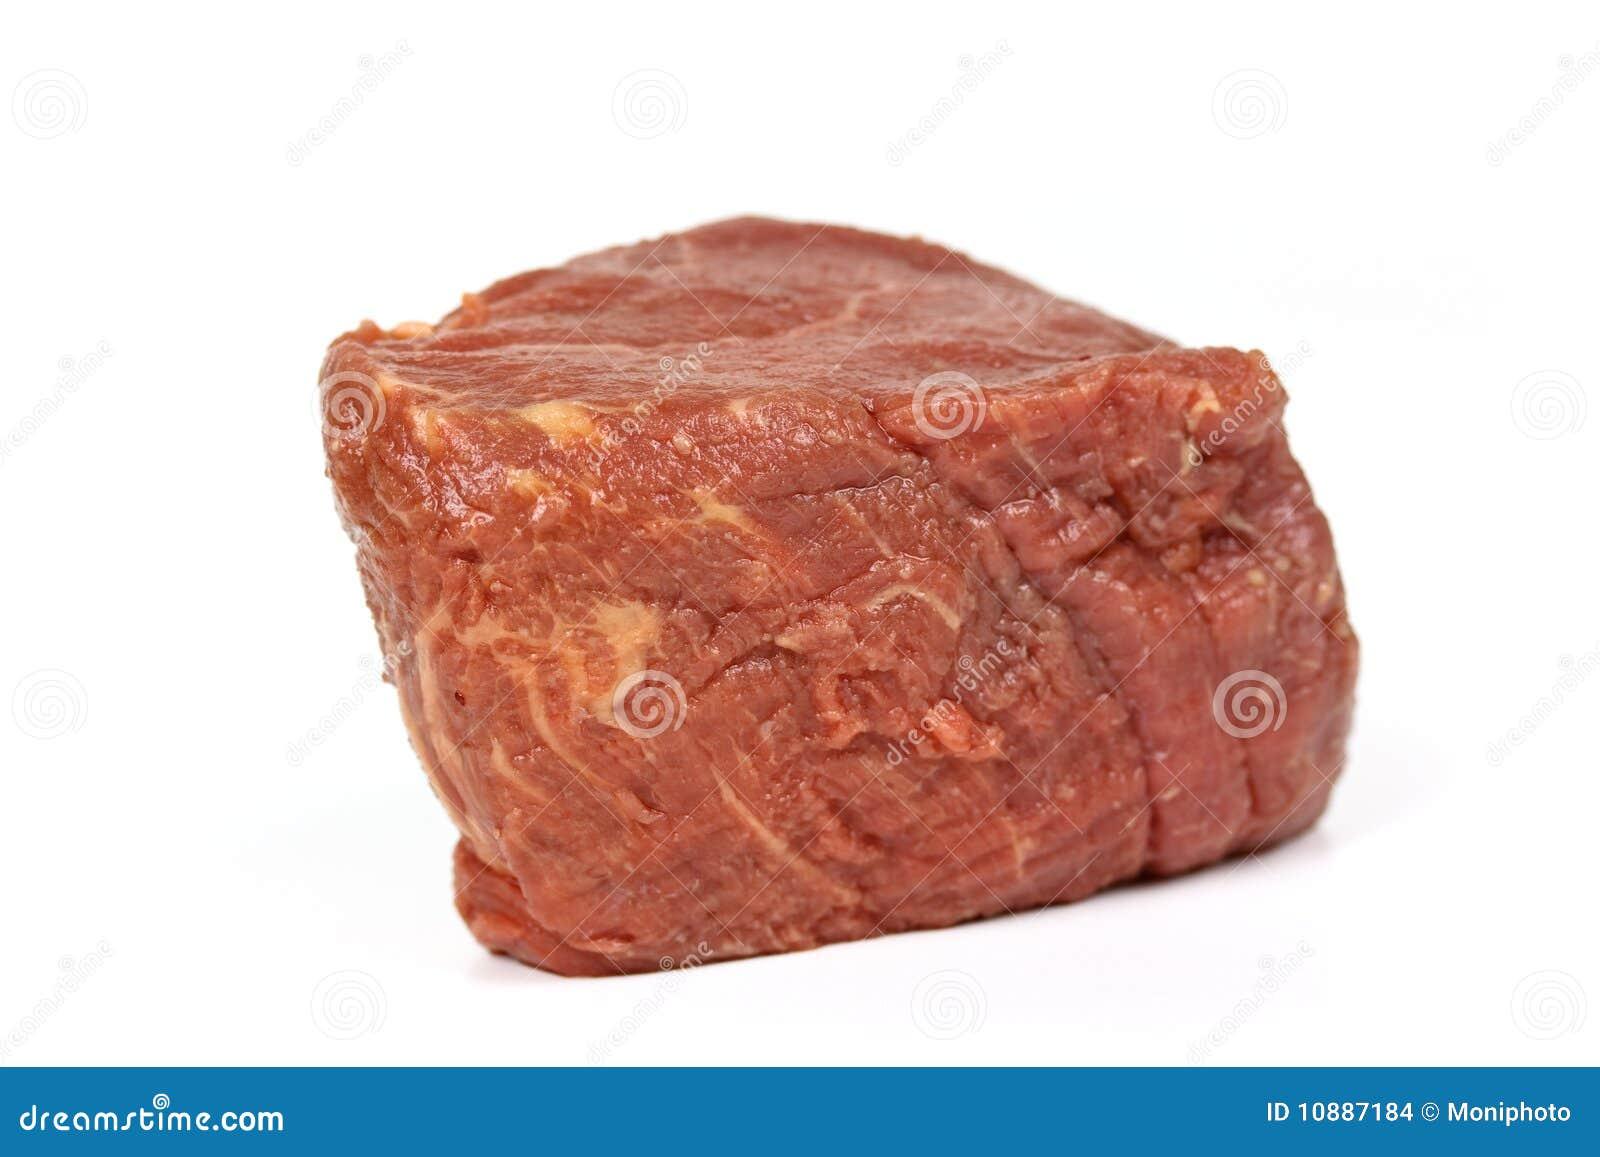 Raw mignon steak,isolated on white